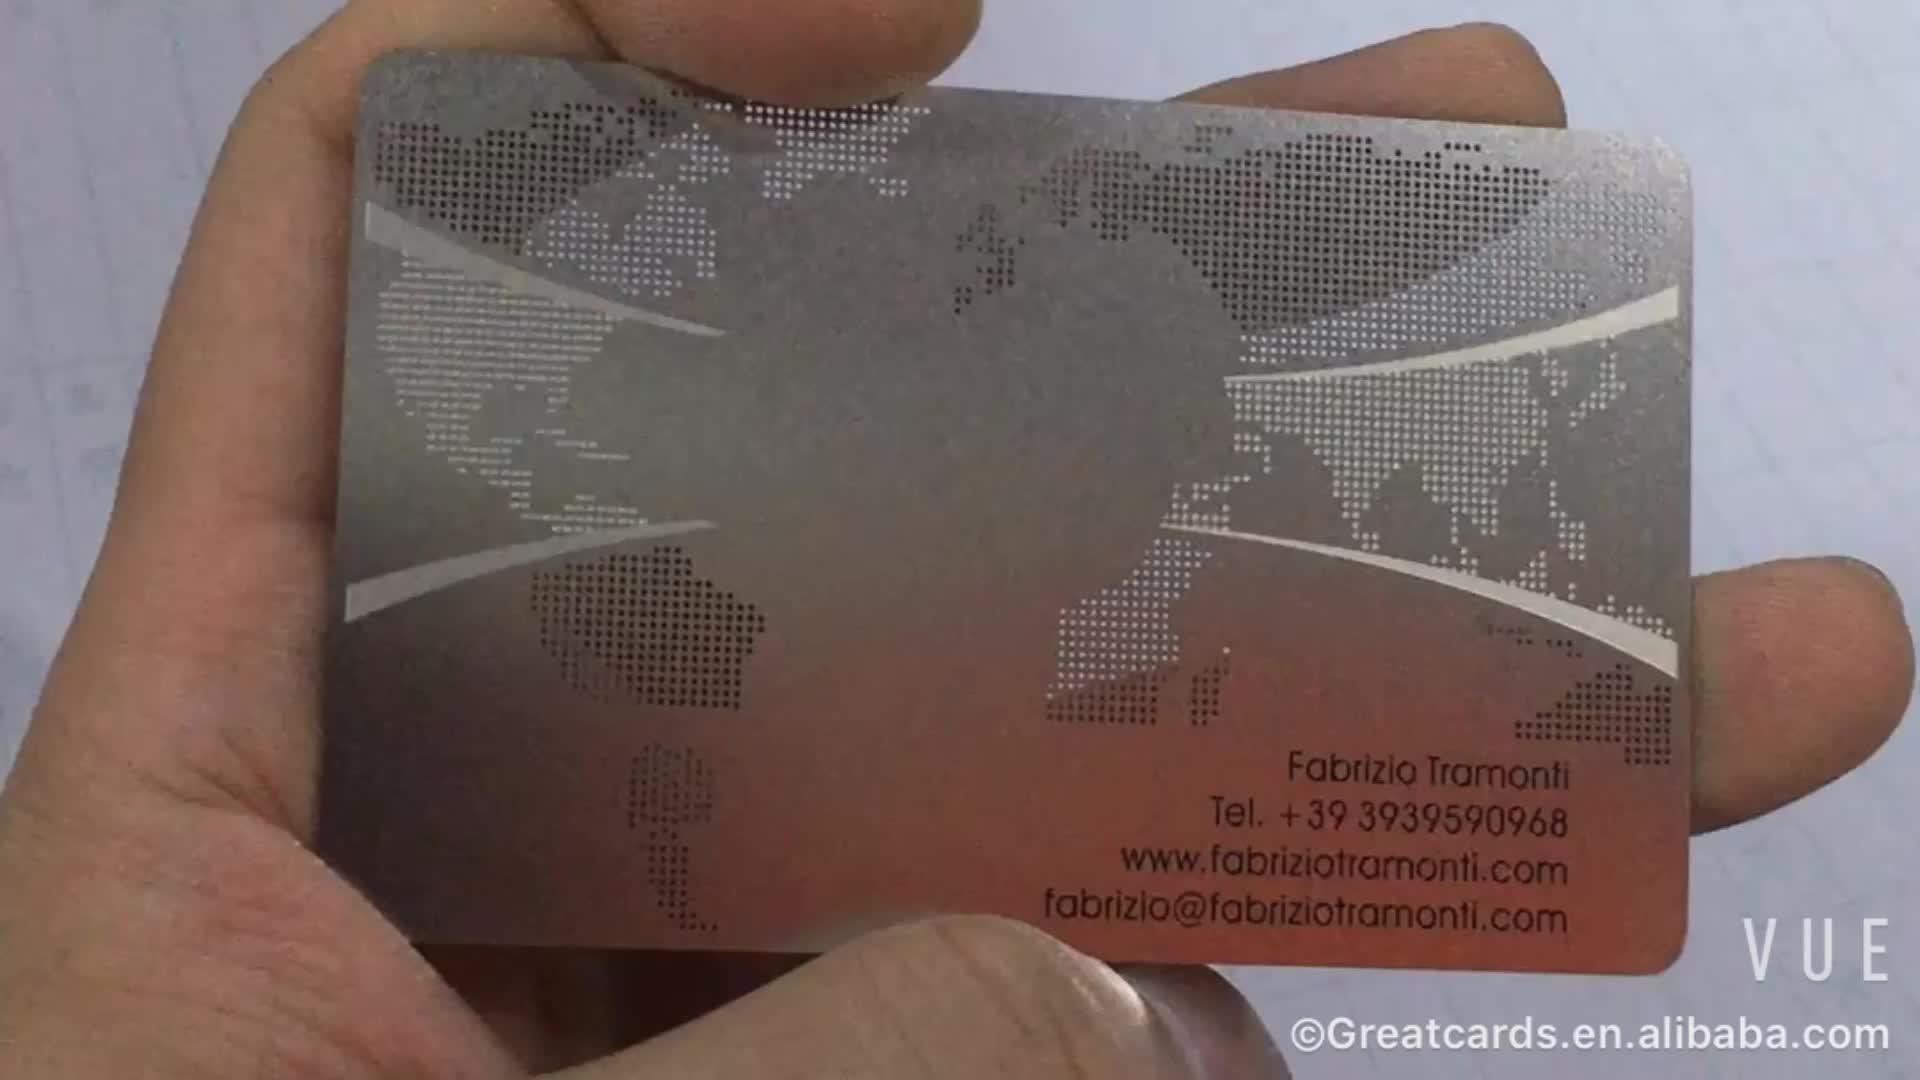 Großhandel hochwertige edelstahl business metall karten mit dot cut out